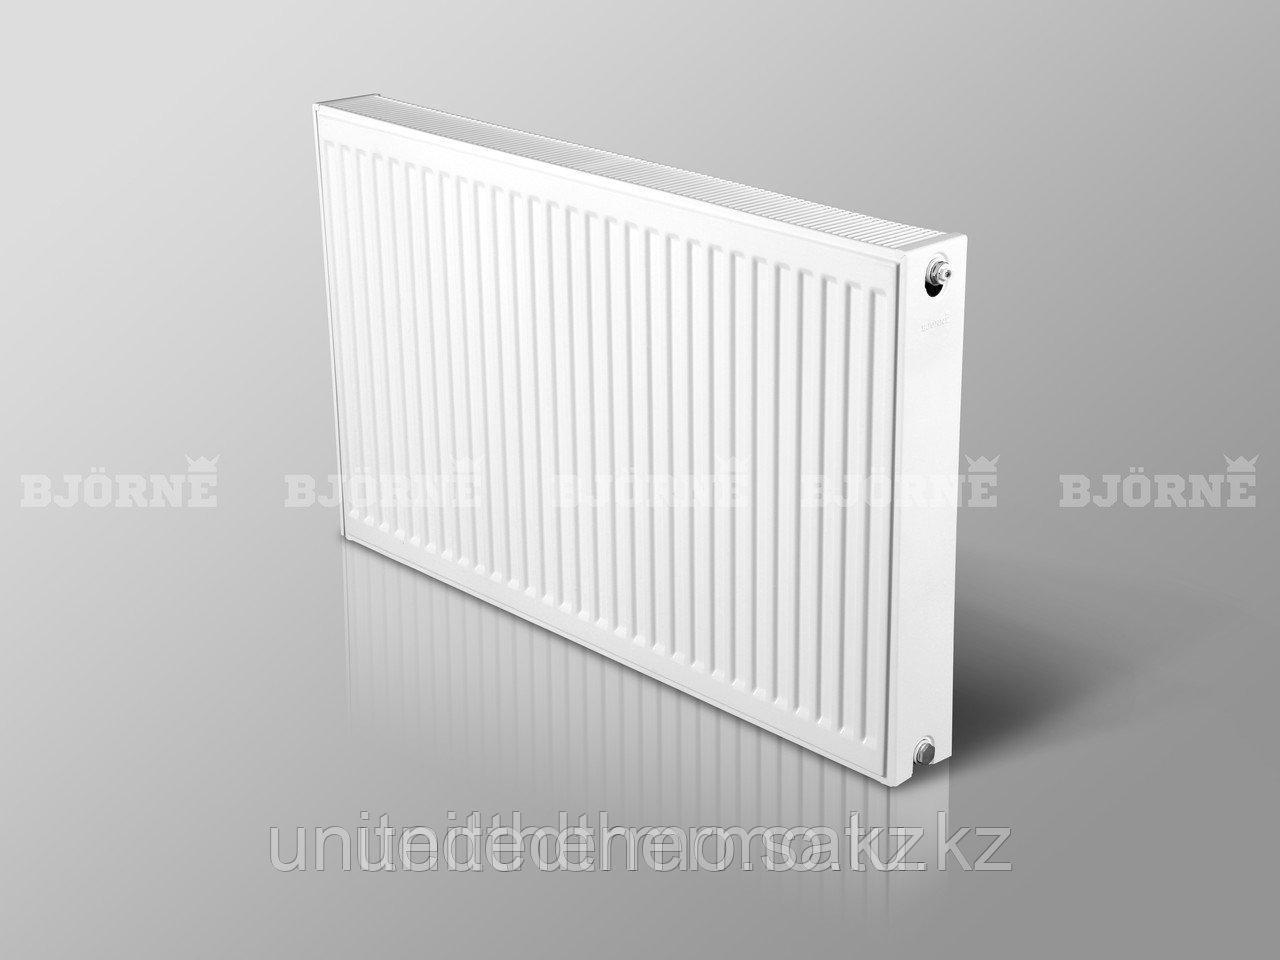 Стальной панельный радиатор Bjorne тип 22K H500мм*L500мм боковое подключение